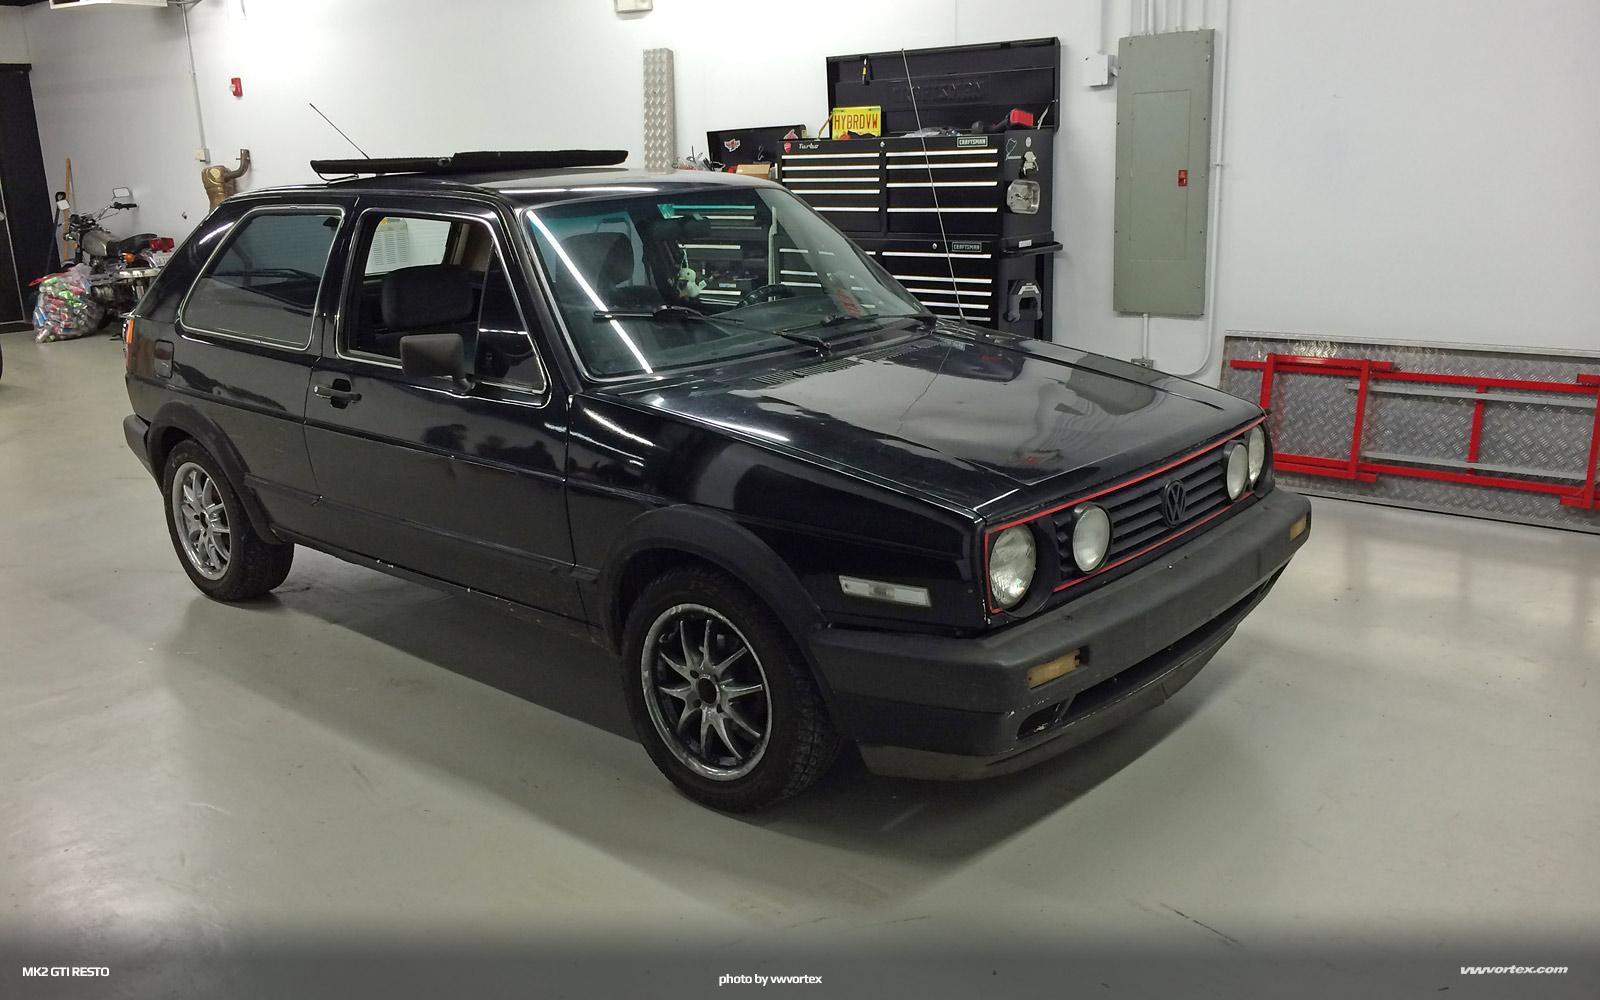 volkswagen-mk2-restoration-intro-019